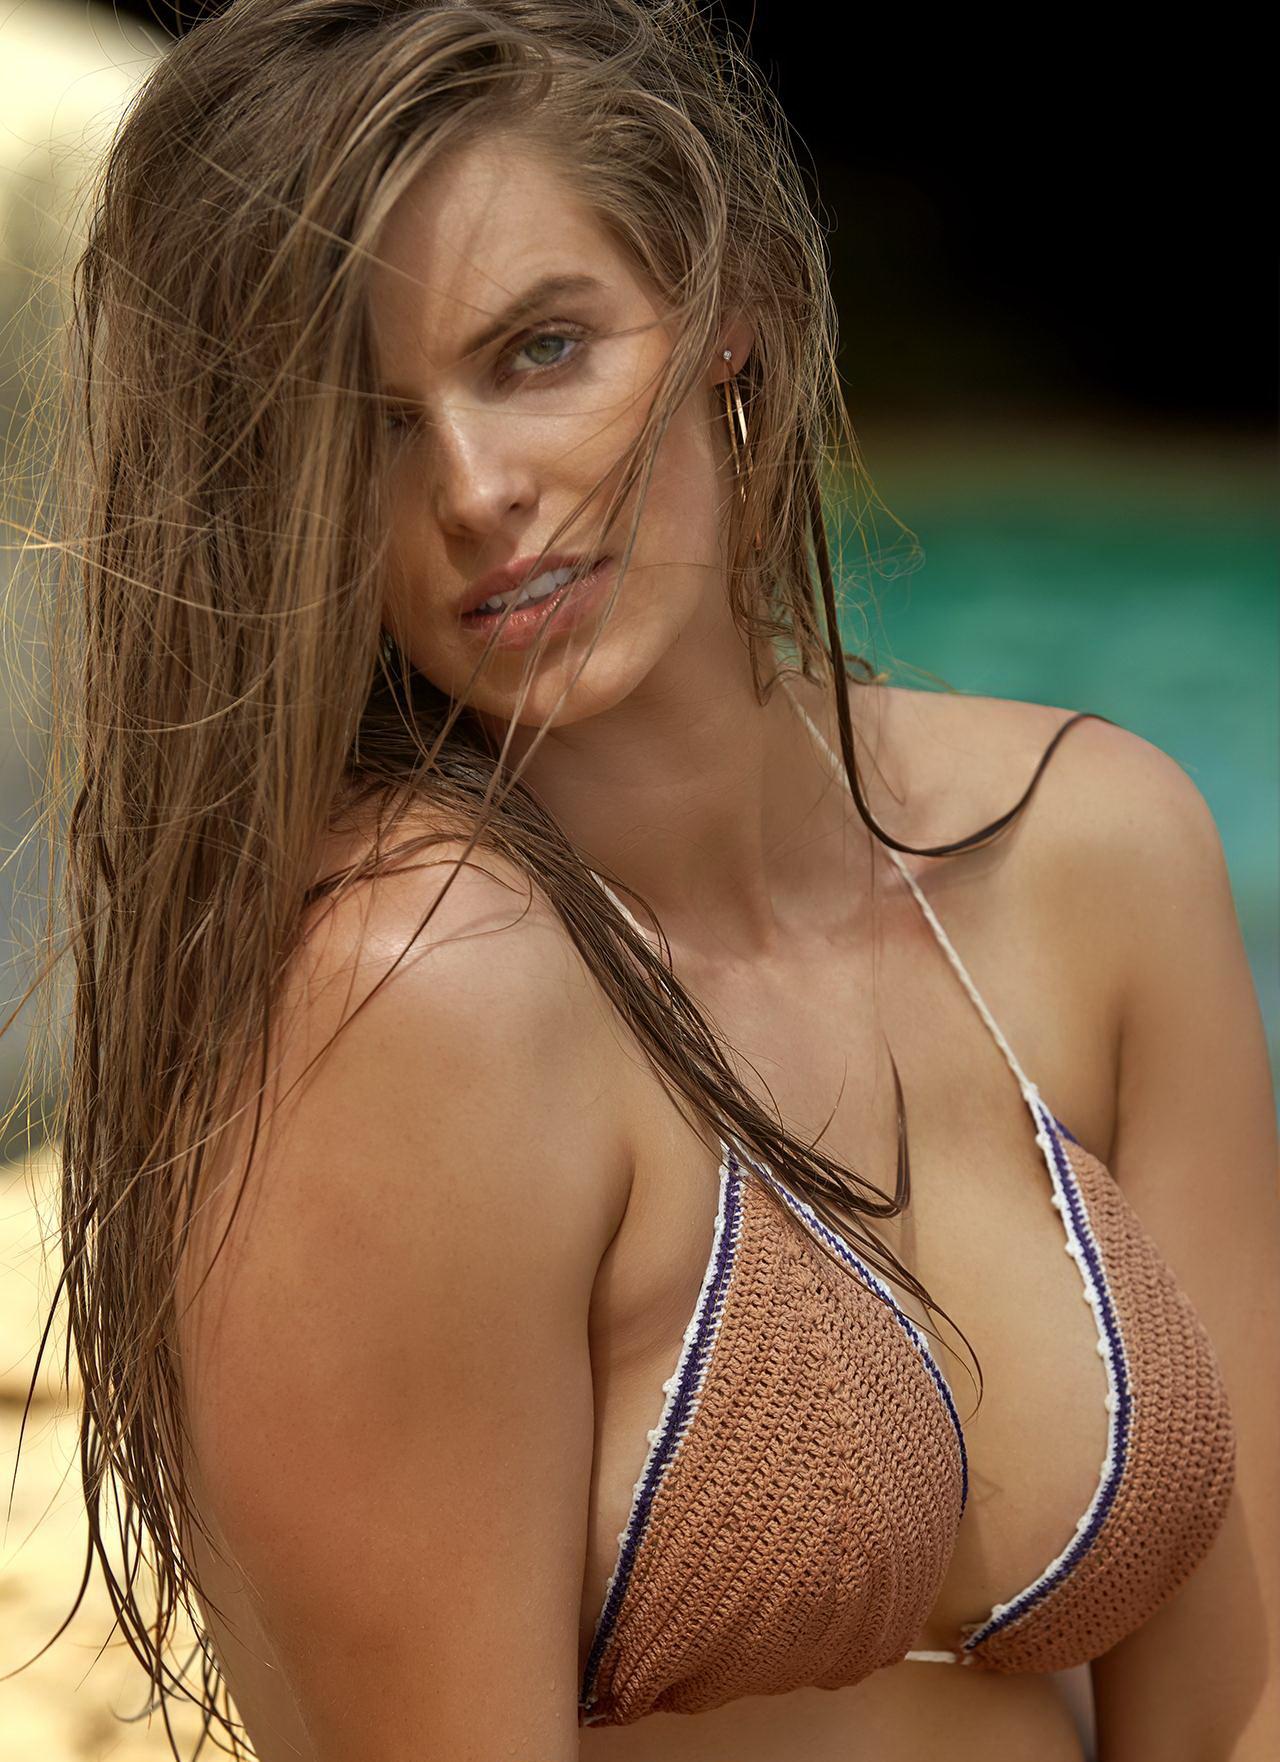 Австралийская модель размера плюс - Робин Лоли - ПоЗиТиФфЧиК - сайт позитивного настроения!